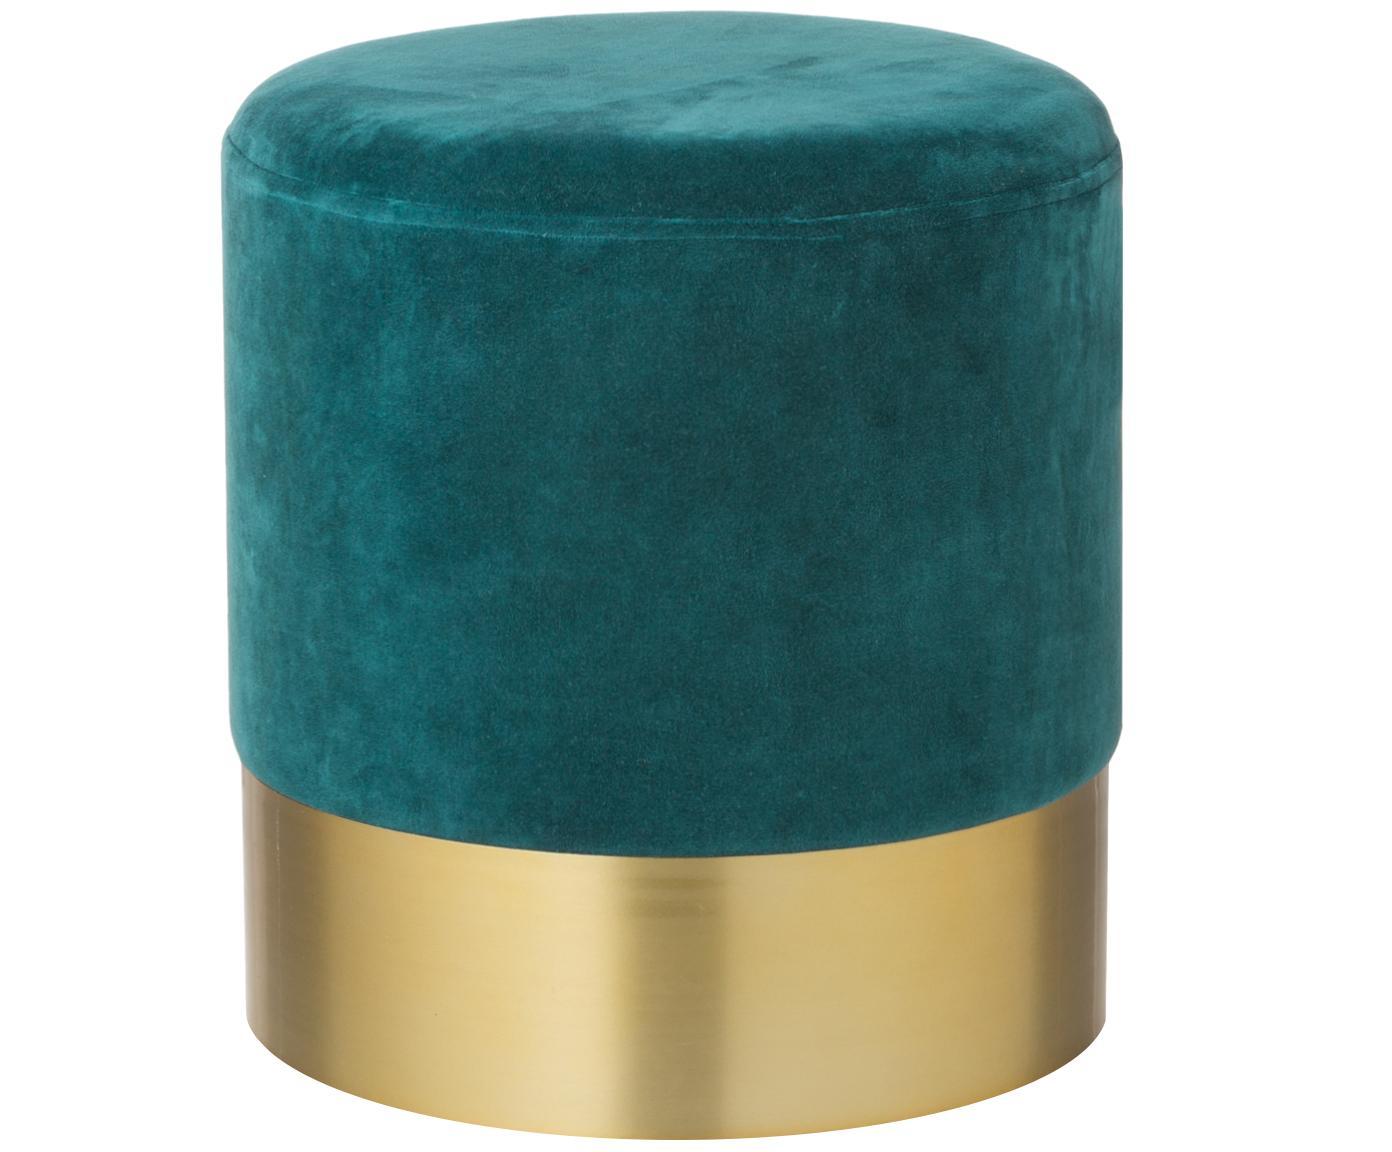 Pouf in velluto Harlow, Rivestimento: velluto di cotone, Petrolio, dorato, Ø 38 x Alt. 42 cm